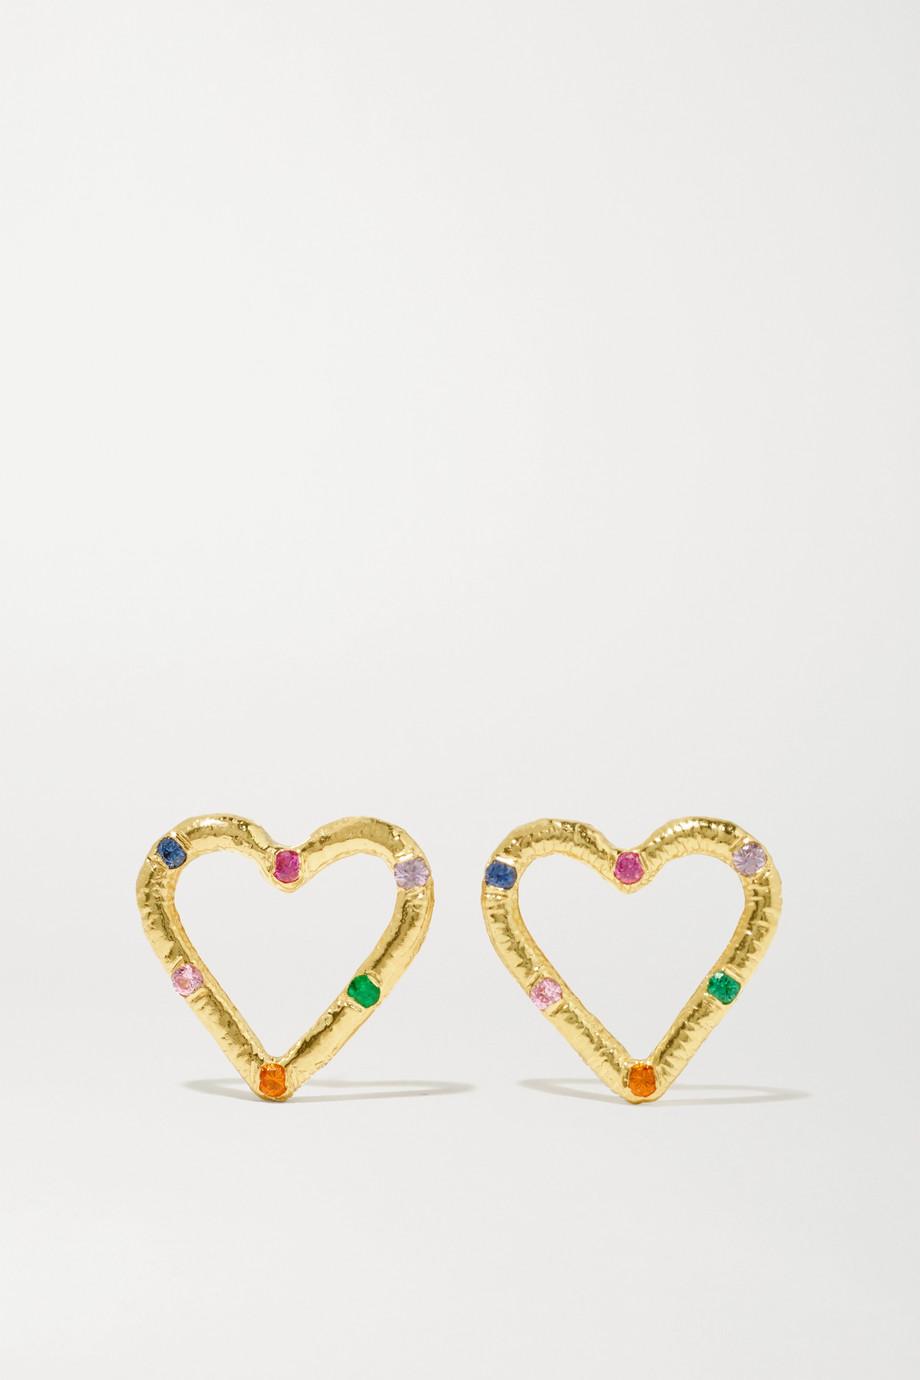 Brent Neale Mini Heart Ohrringe aus 18 Karat Gold mit Smaragden und Saphiren